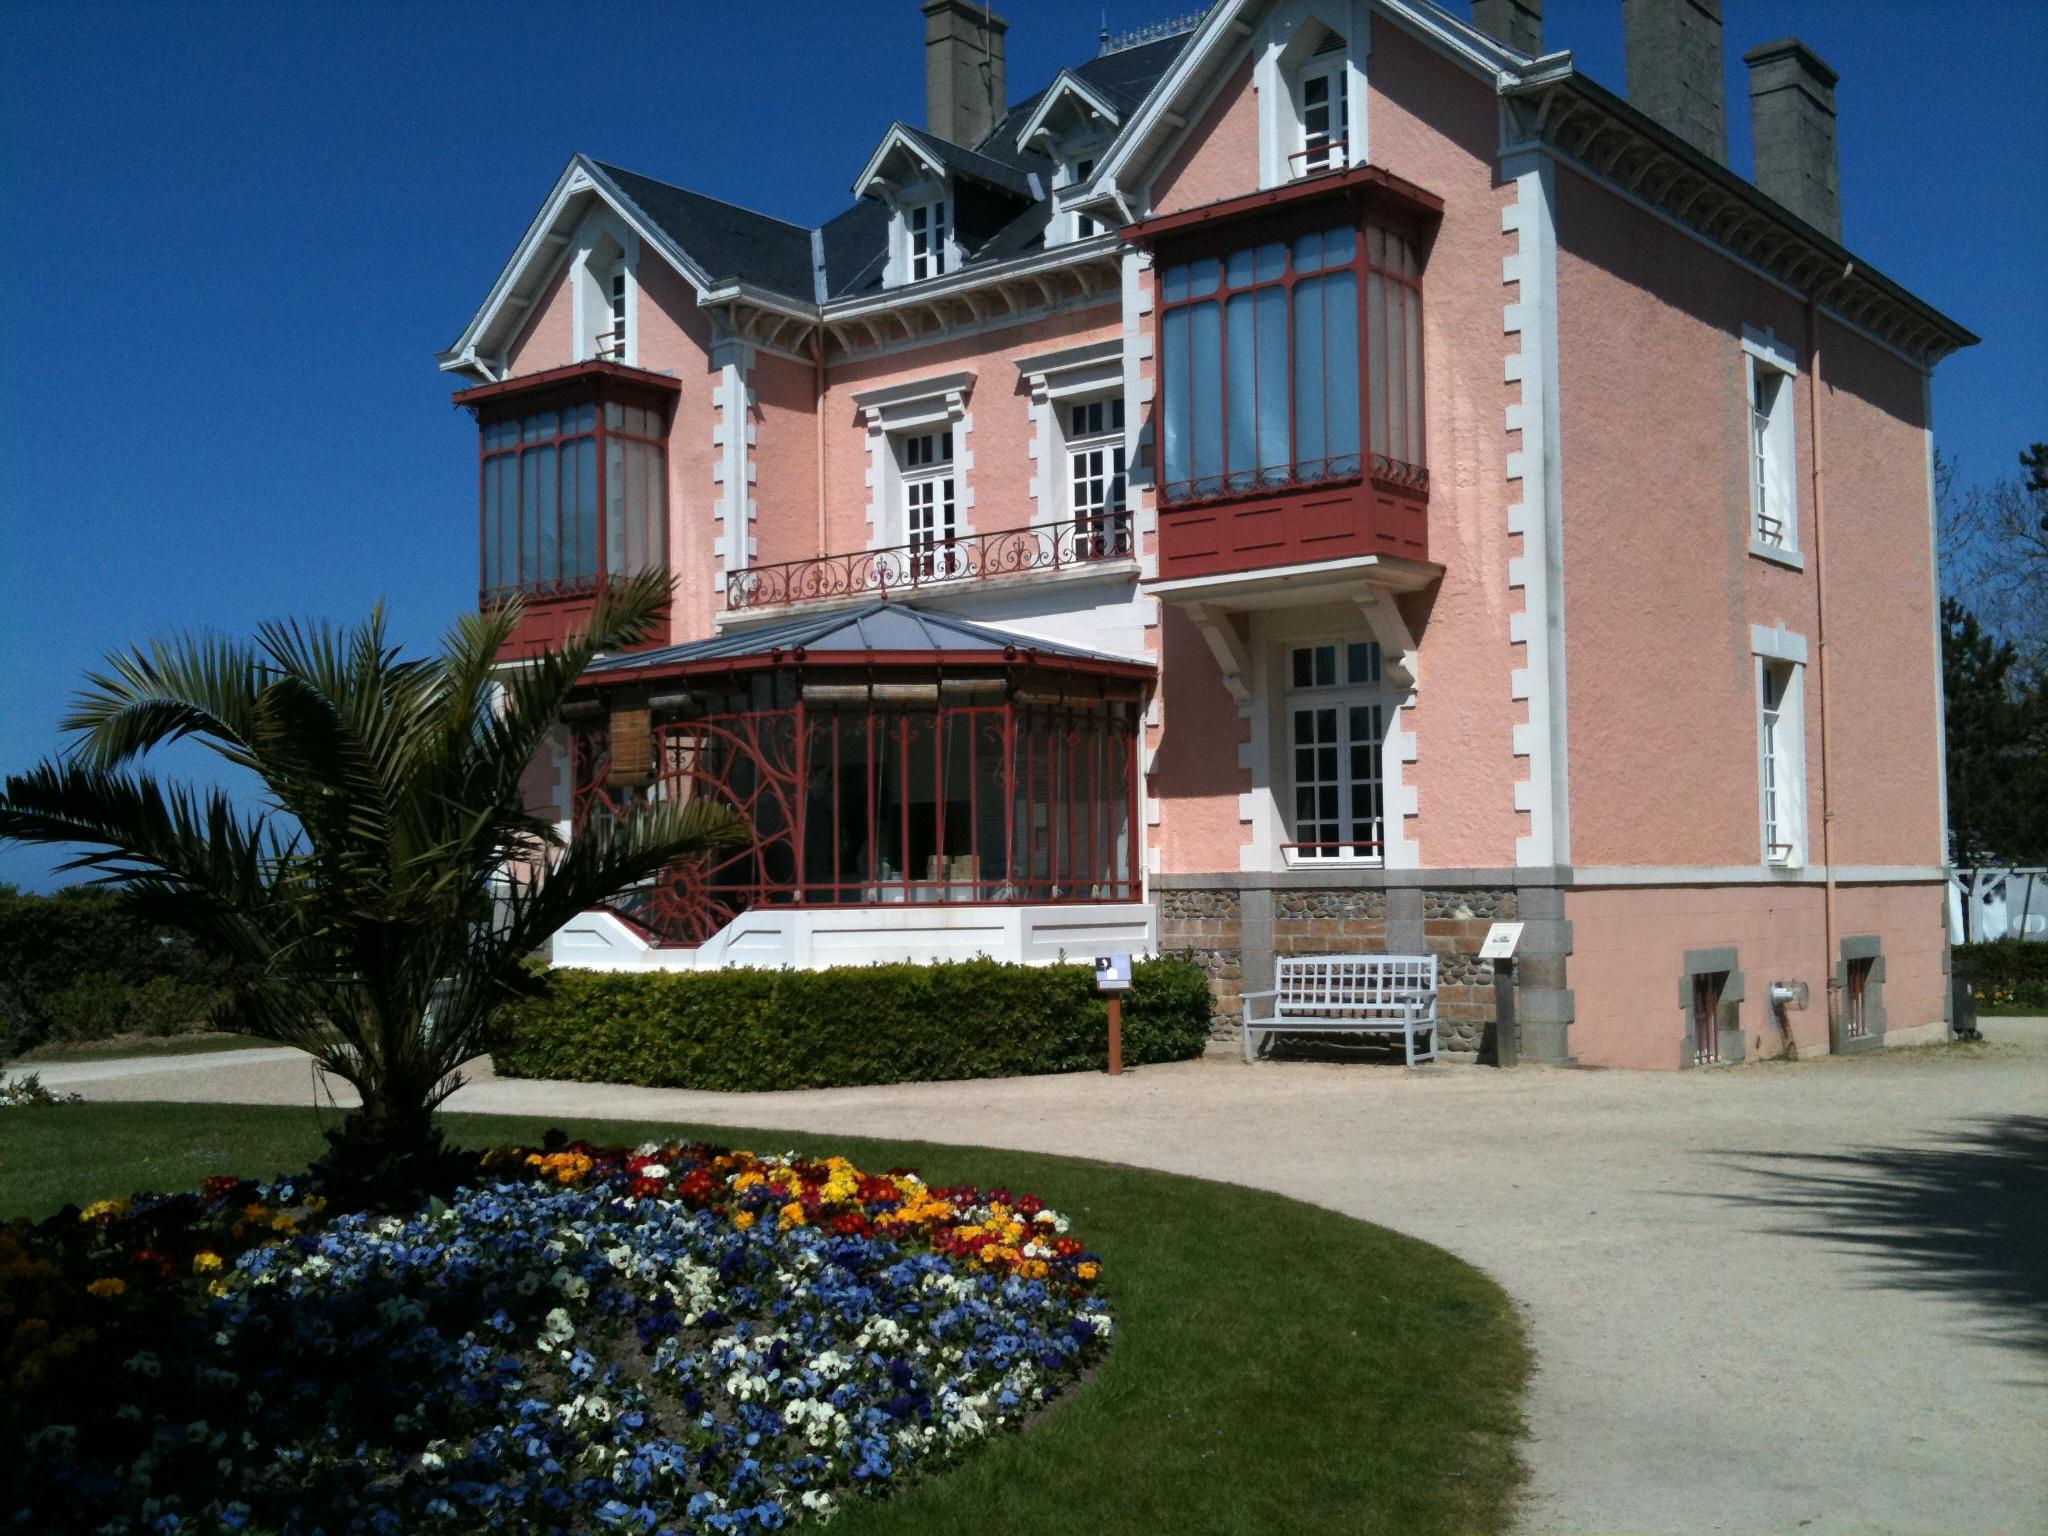 Documentaire Dior à Granville sur France 3